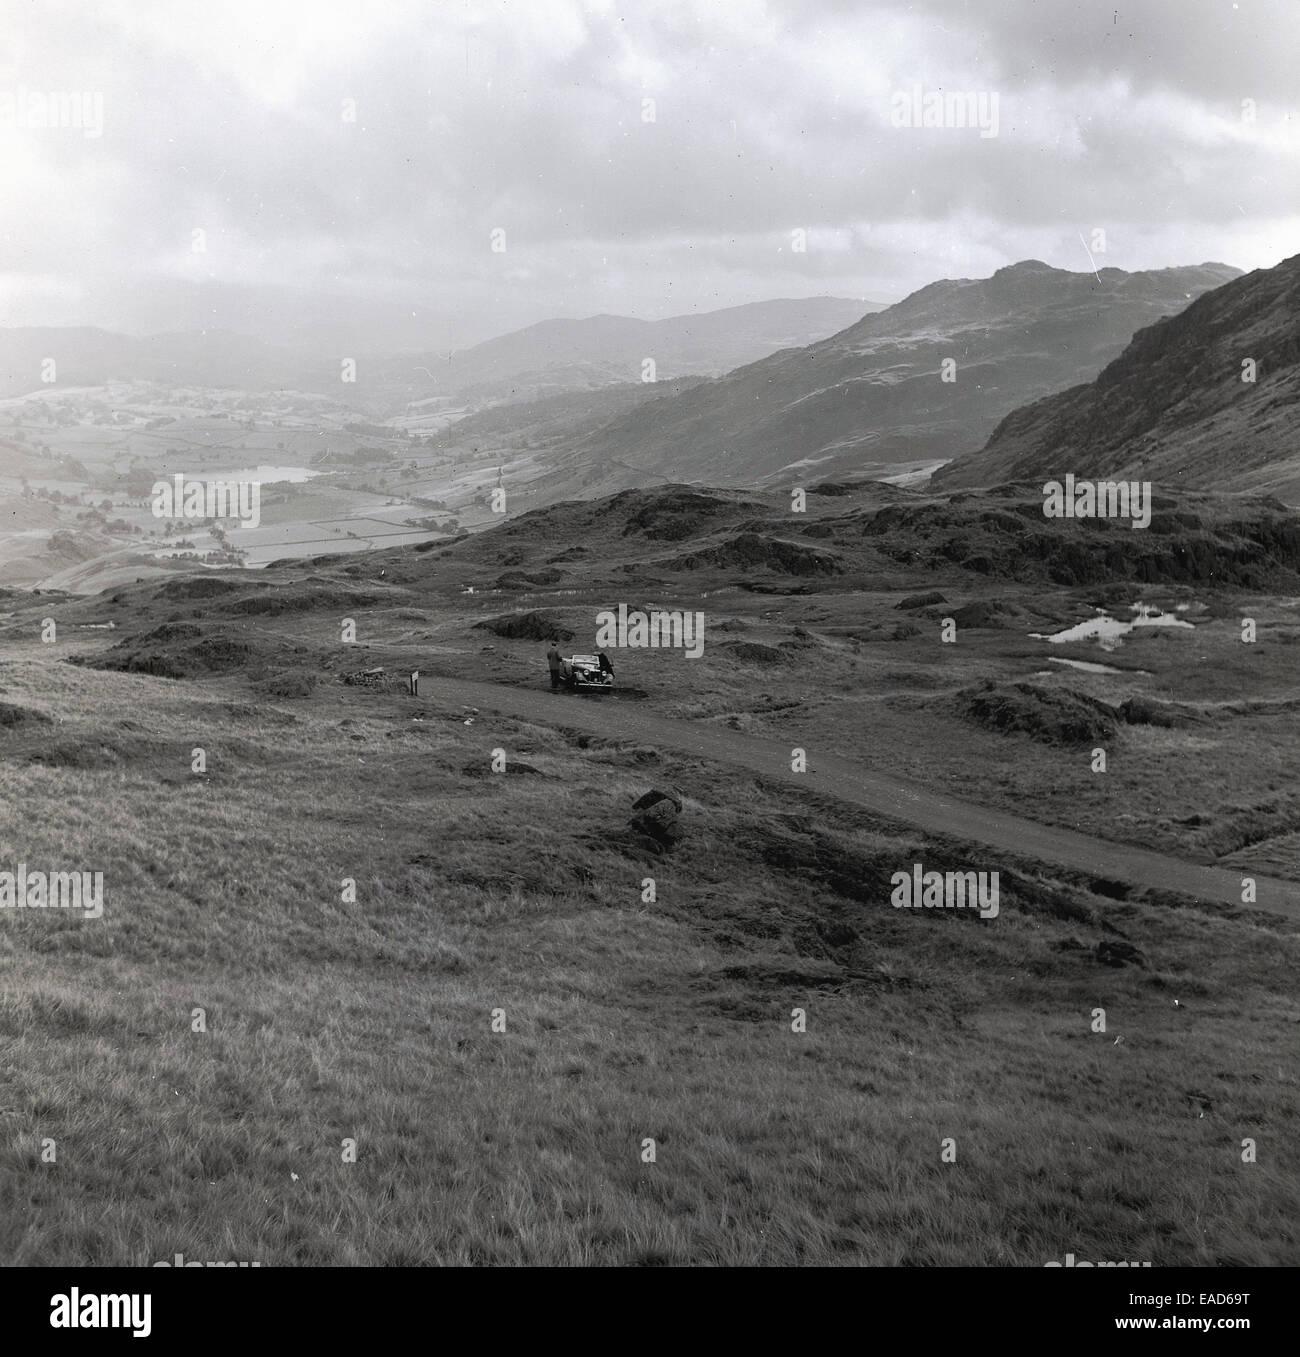 Degli anni Cinquanta, storico auto parcheggiate nelle highlands scozzesi Immagini Stock